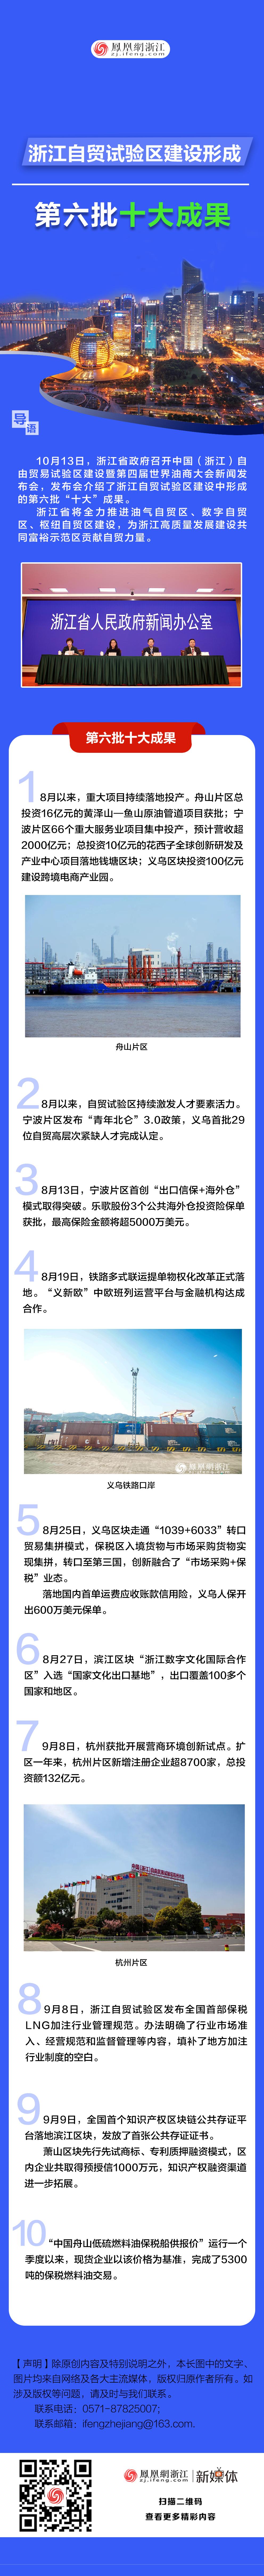 浙江自贸试验区建设形成第六批十大成果